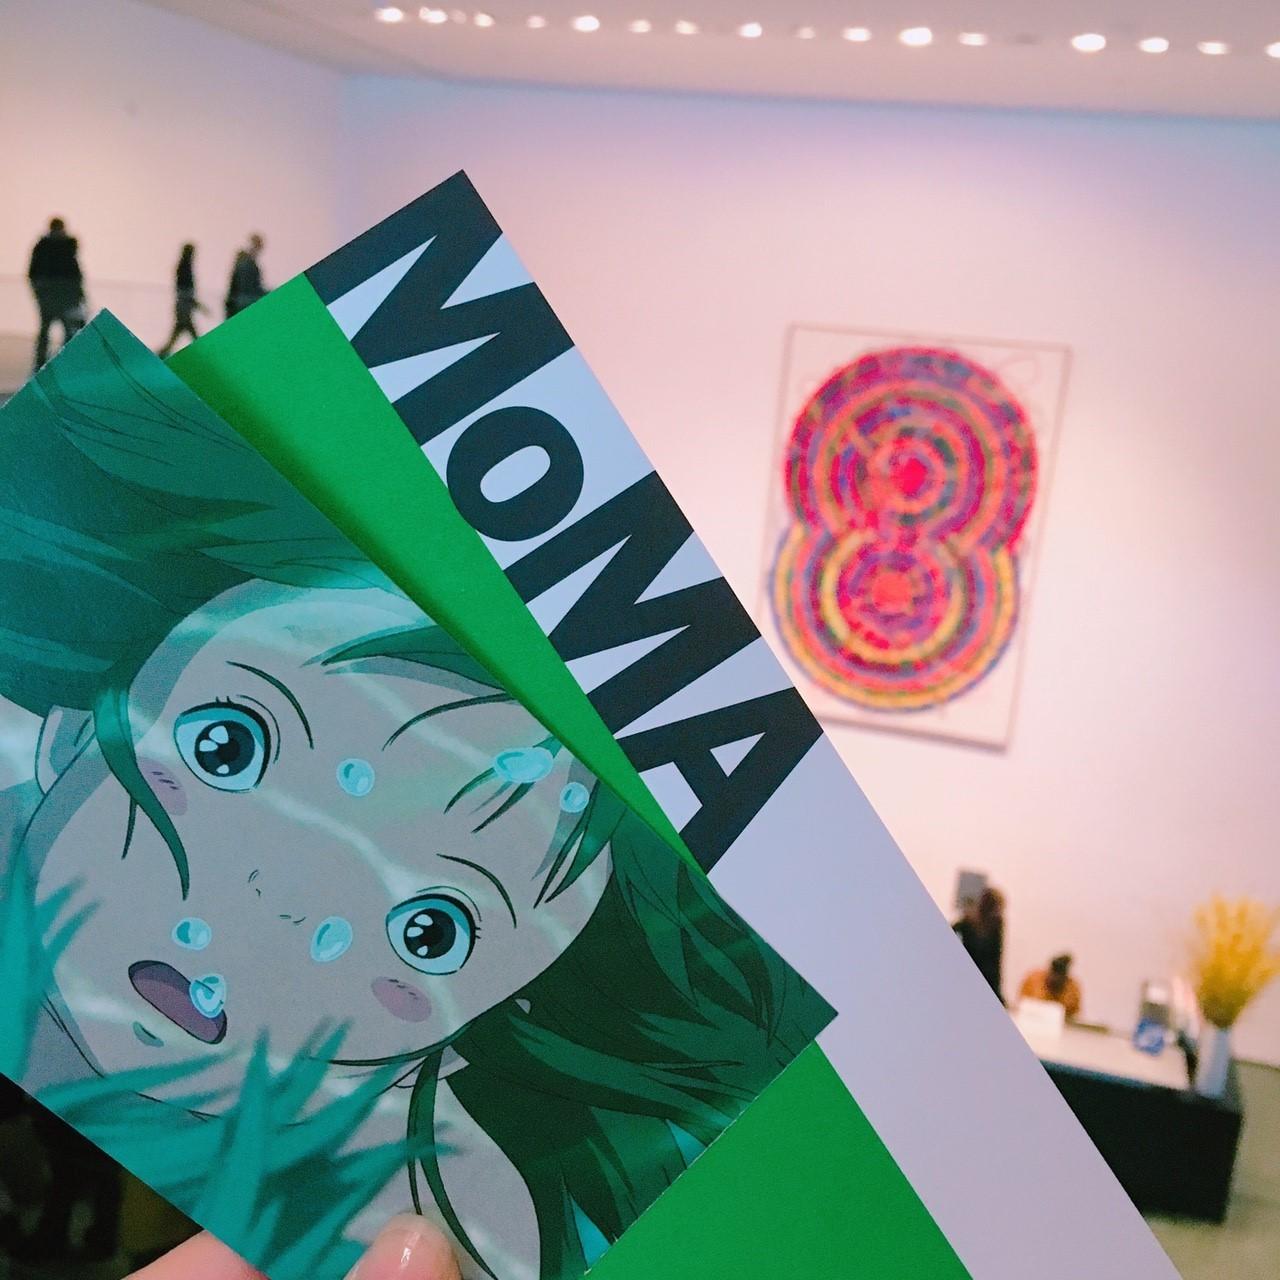 【ニューヨーク】のんびり鑑賞《MoMA・MET》_1_2